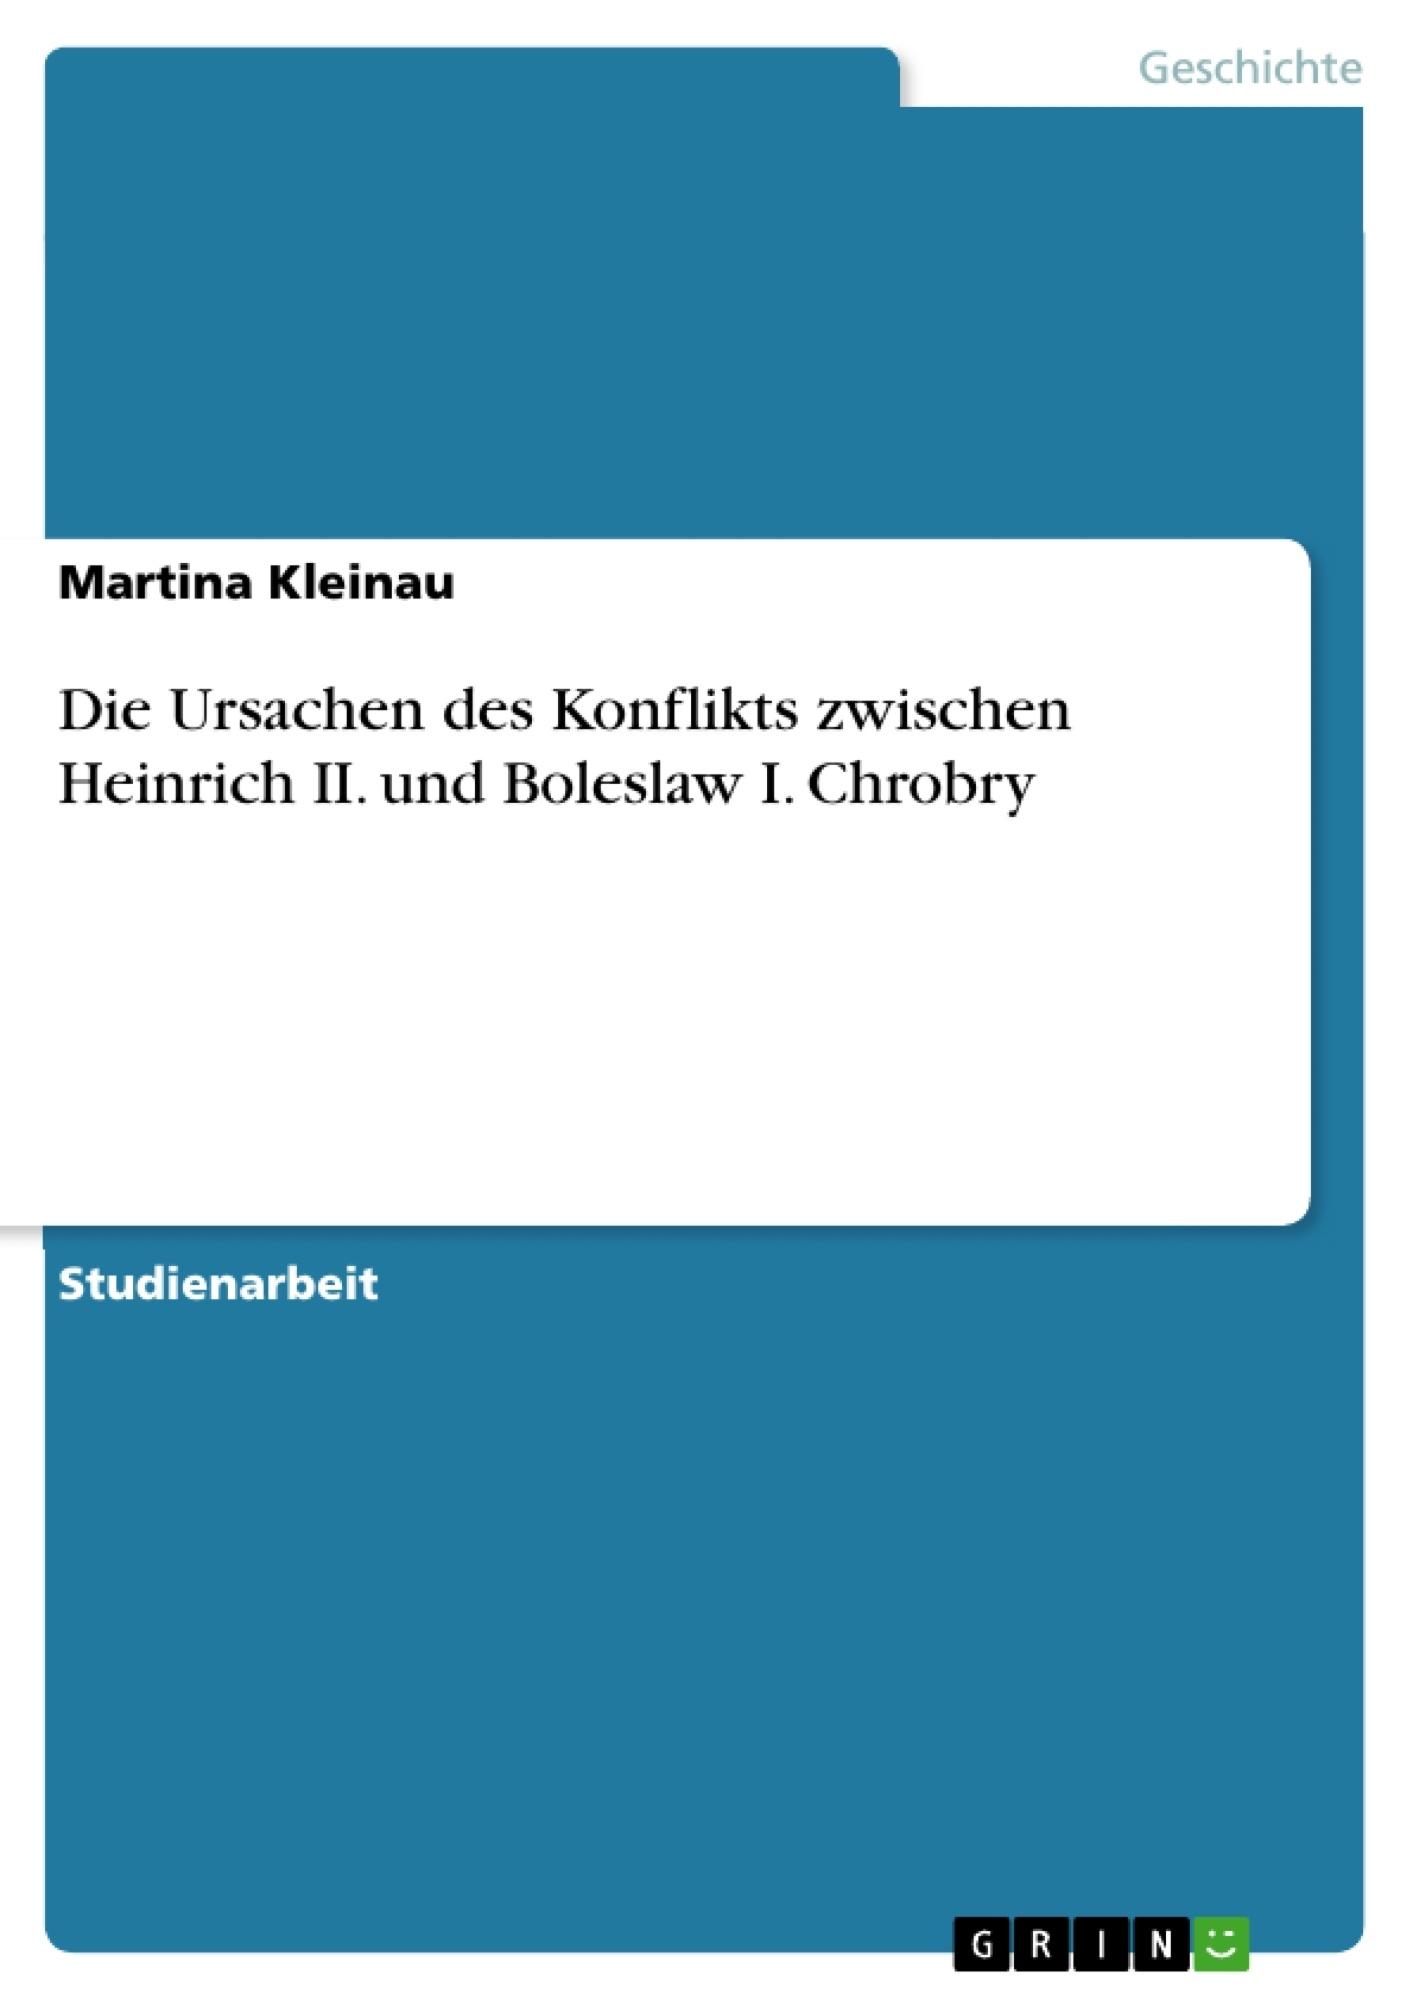 Titel: Die Ursachen des Konflikts zwischen Heinrich II. und Boleslaw I. Chrobry